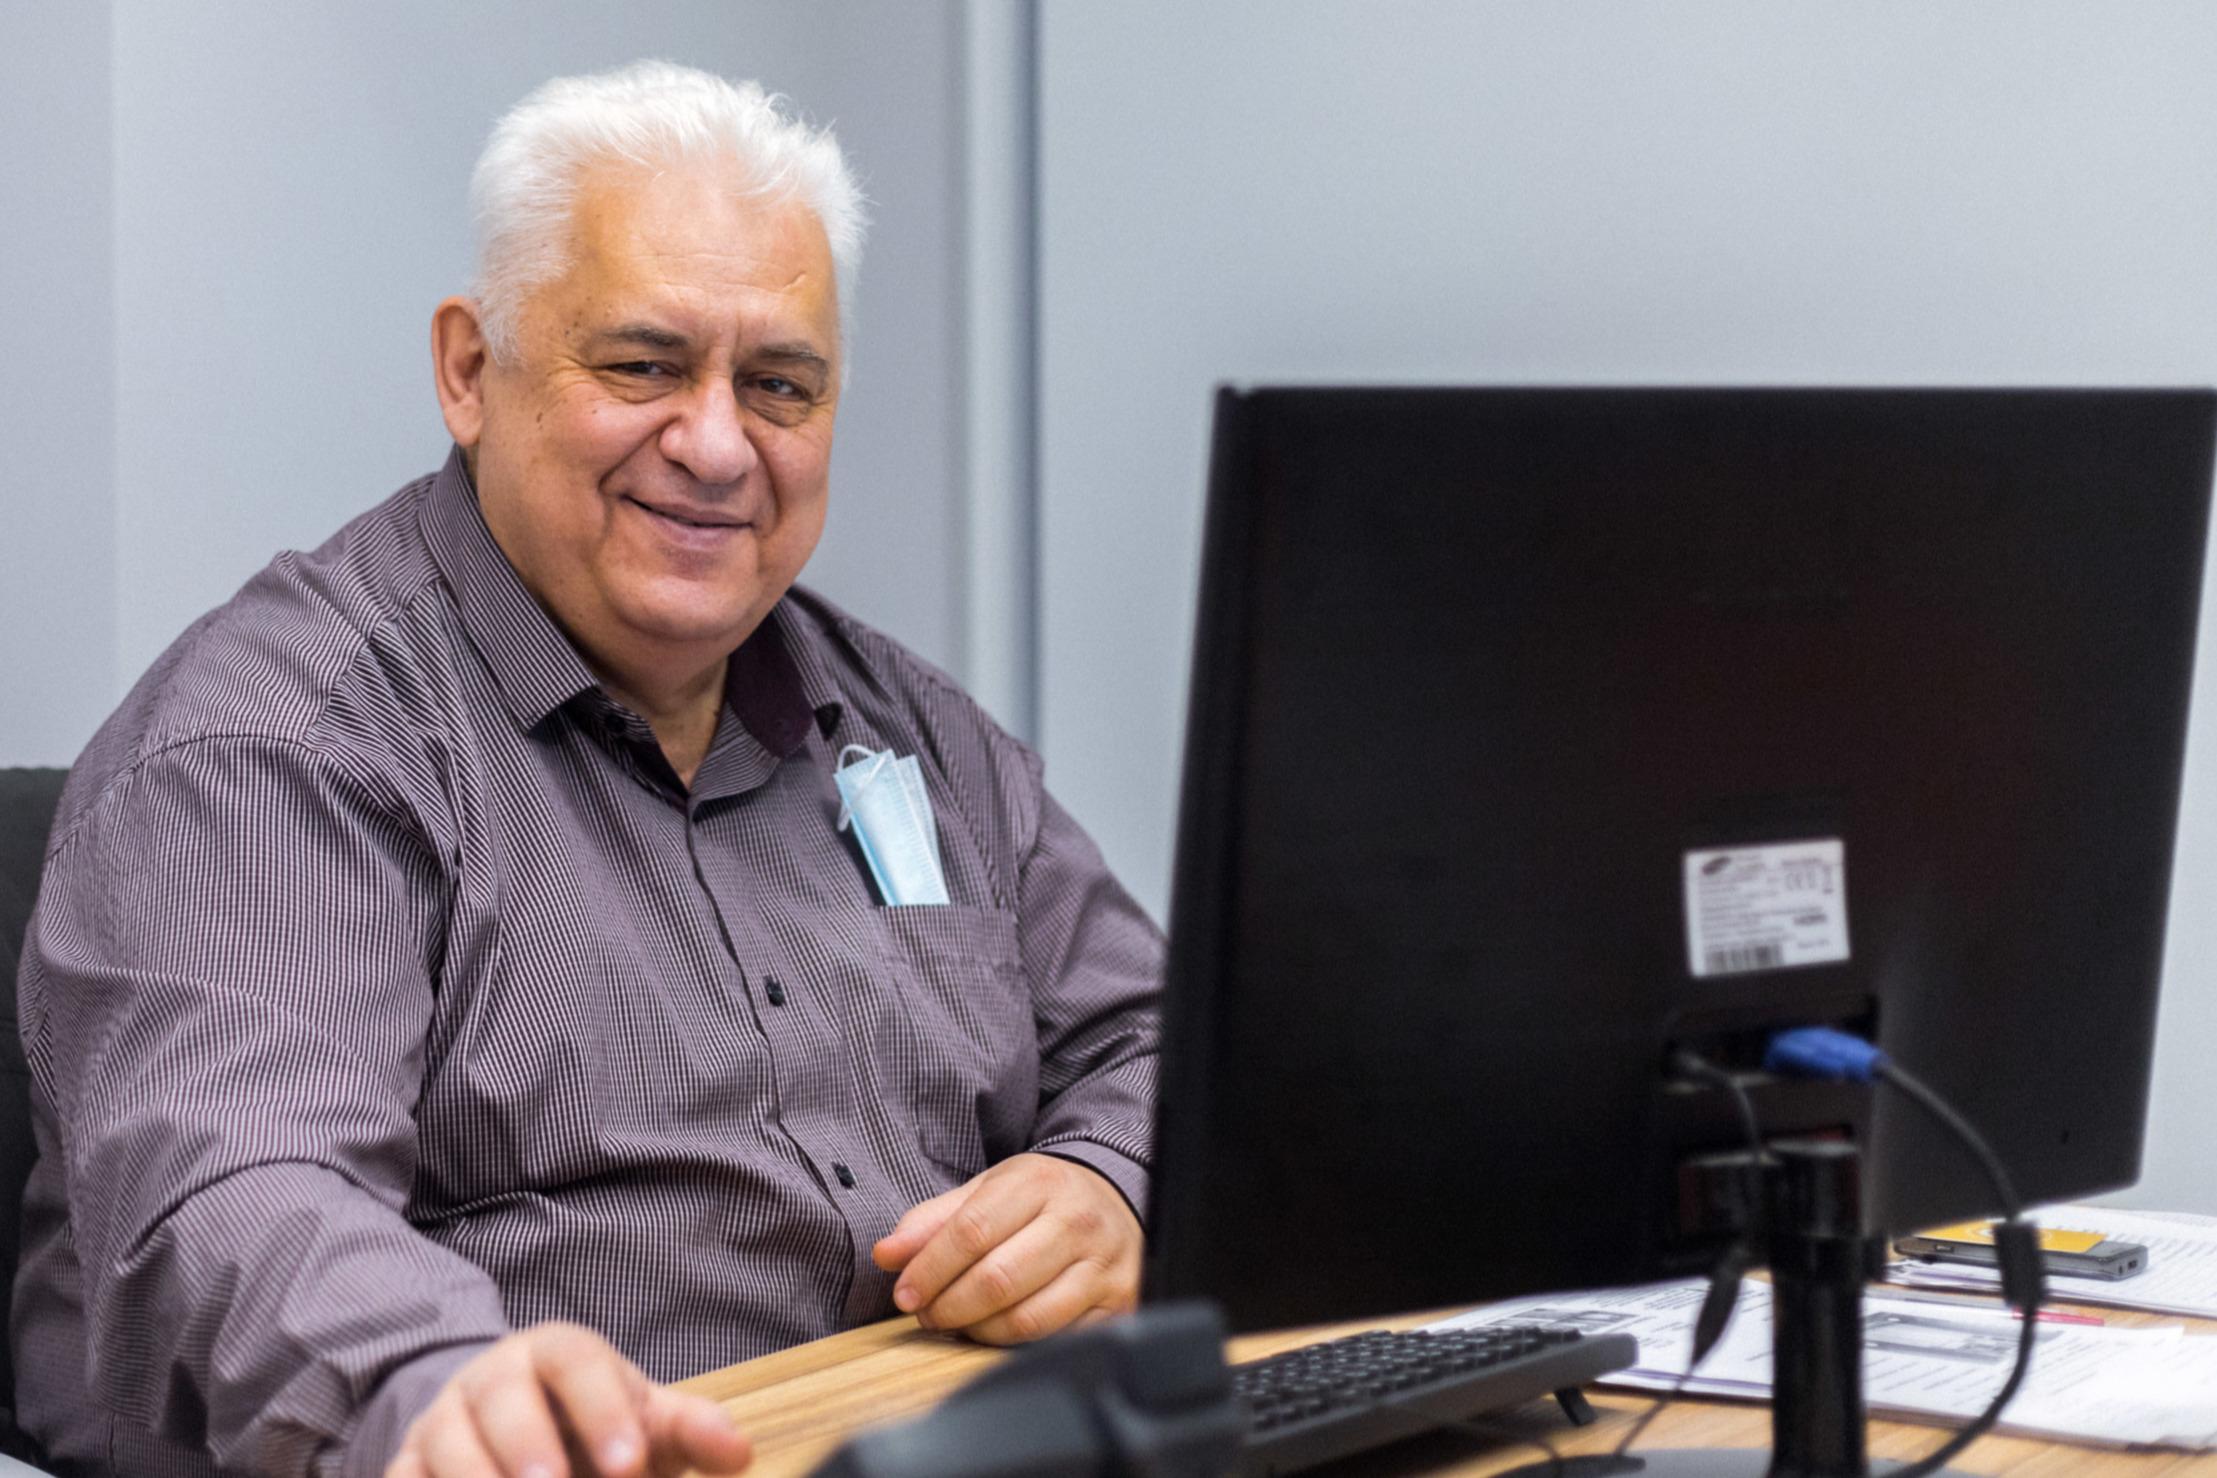 Михаил Юрьевич Афанасьев,заместитель директора по среднему общему образованию